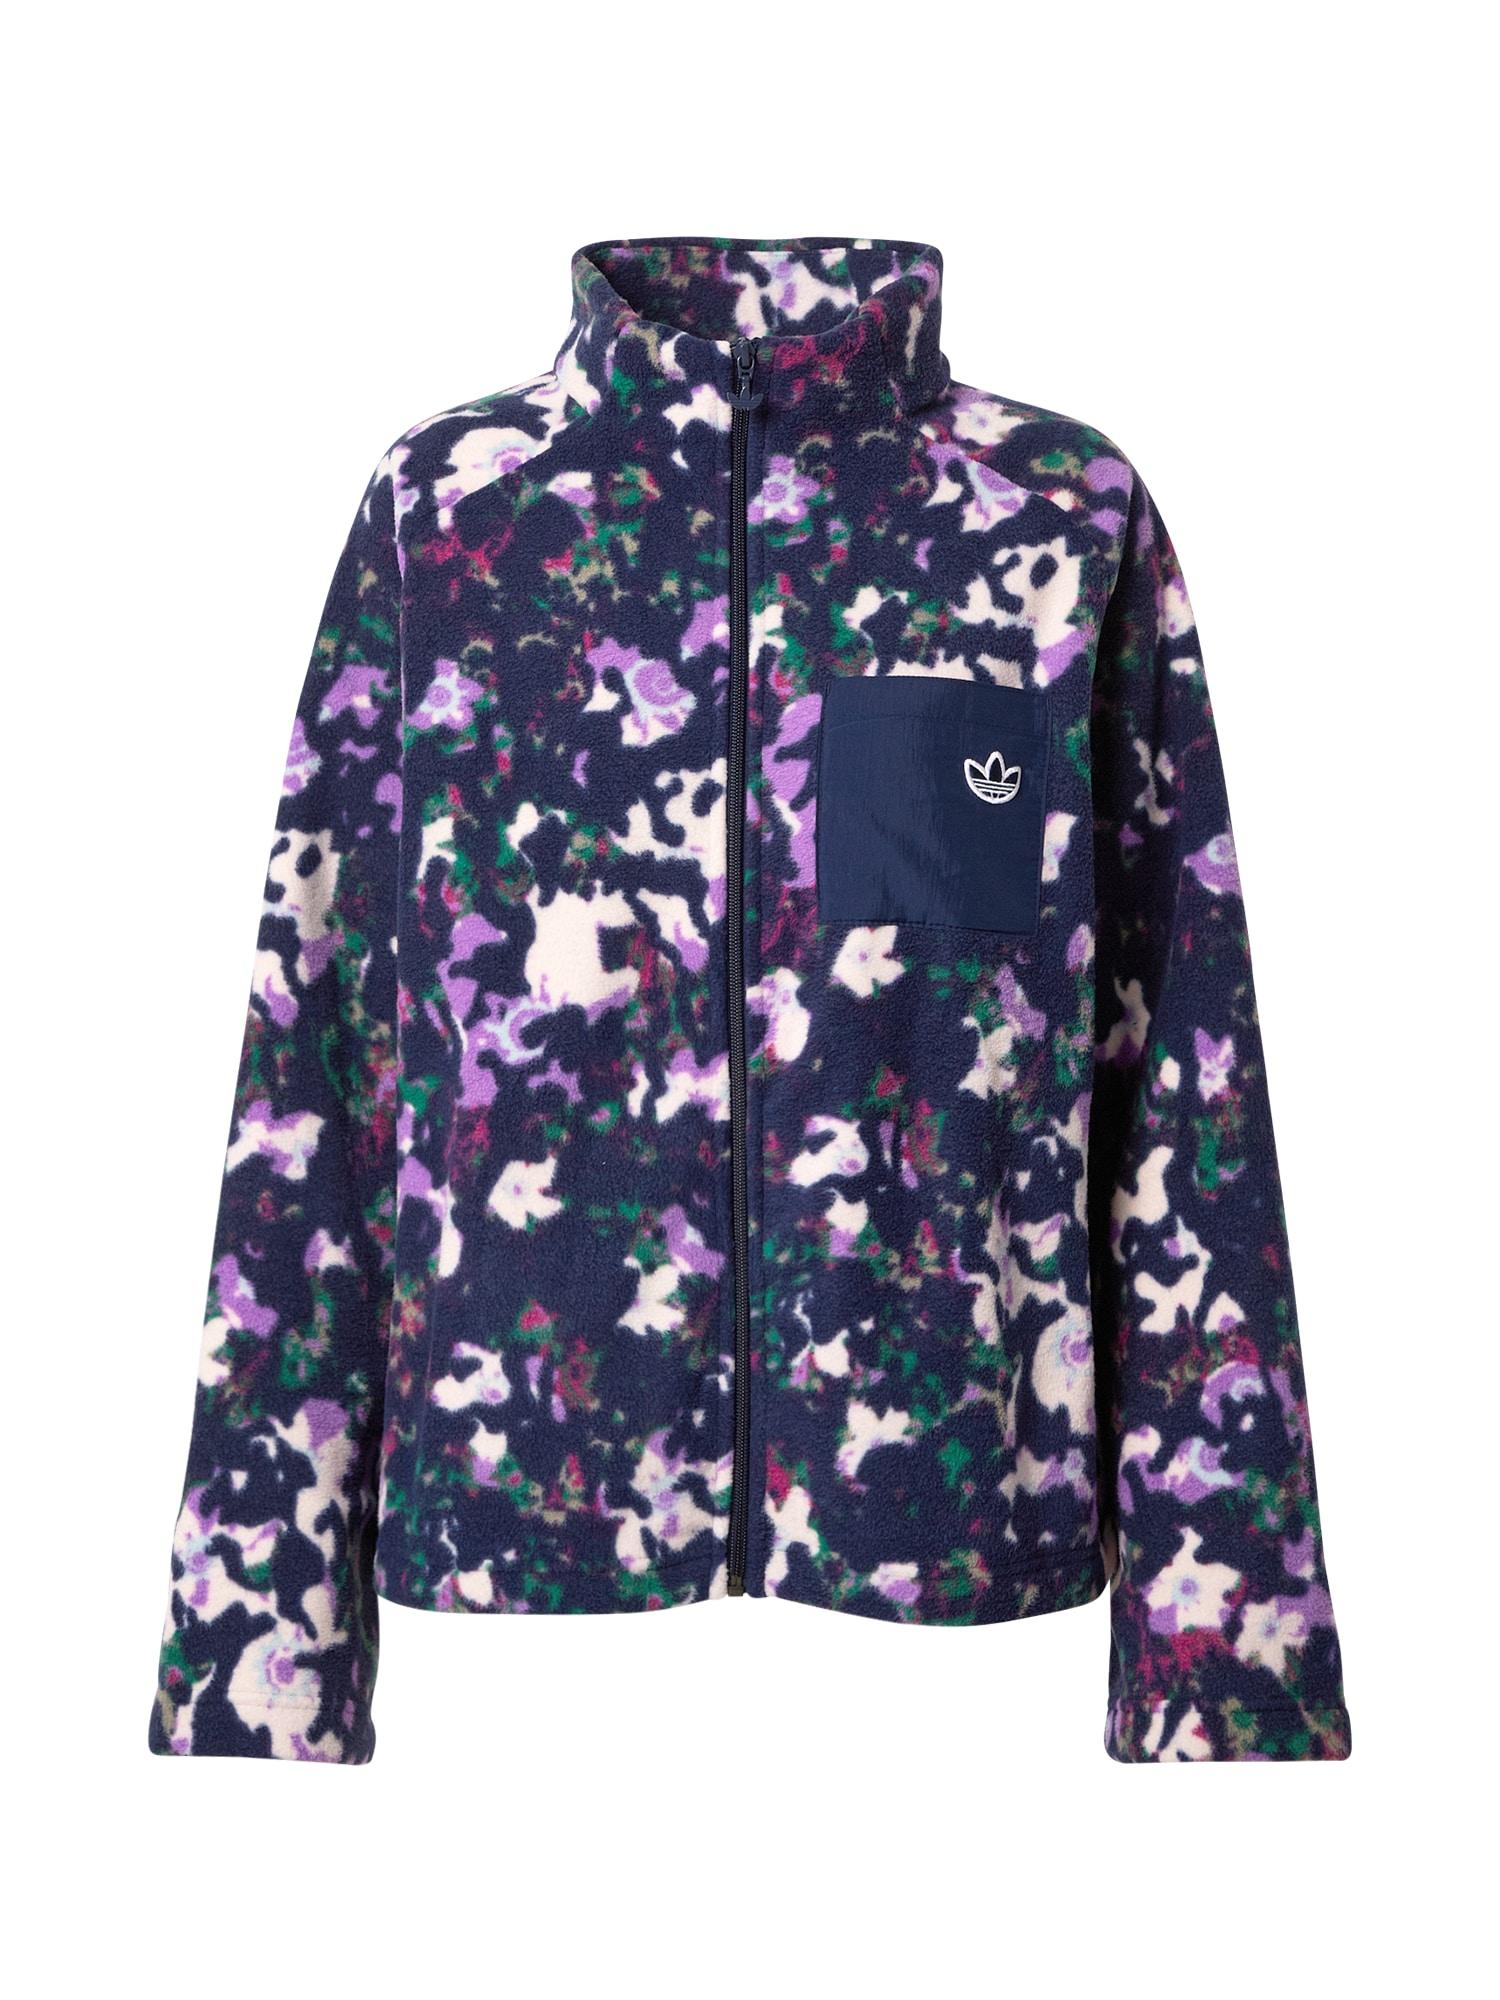 ADIDAS ORIGINALS Flisinis džemperis mišrios spalvos / tamsiai mėlyna